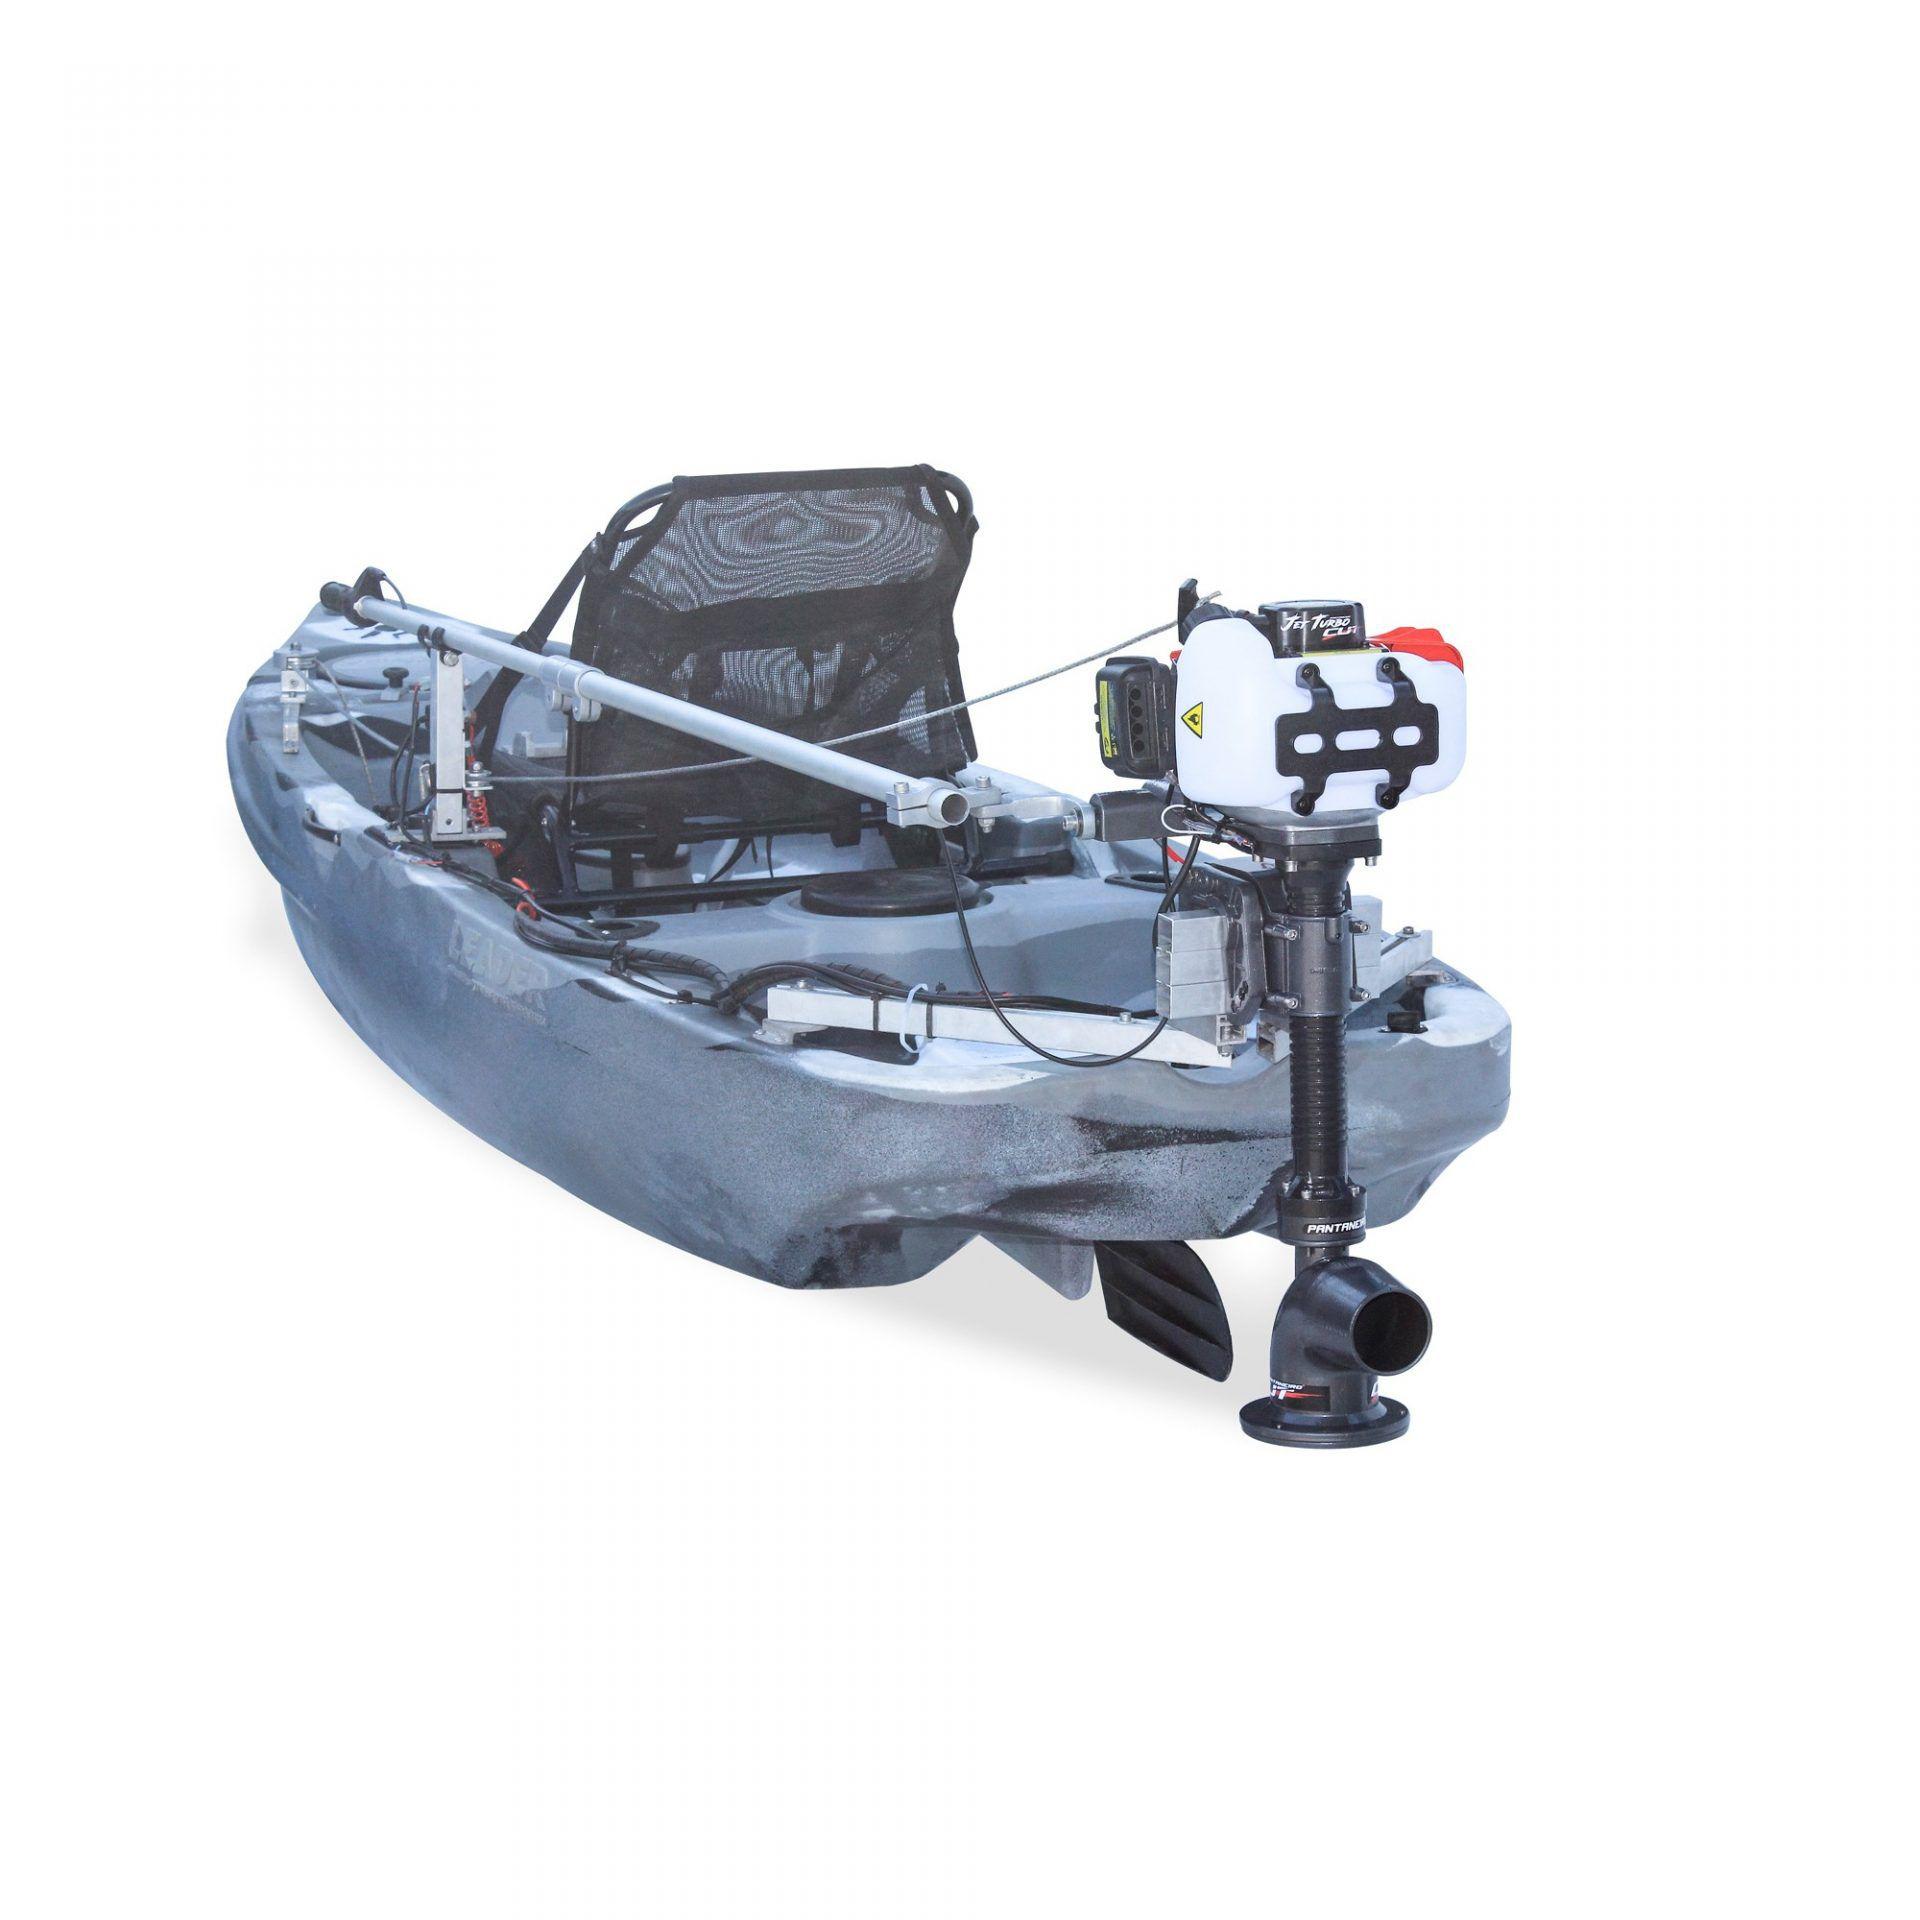 Kit Jet Turbo Cut Pantaneiro + acelerador remoto + Suporte traseiro Leader